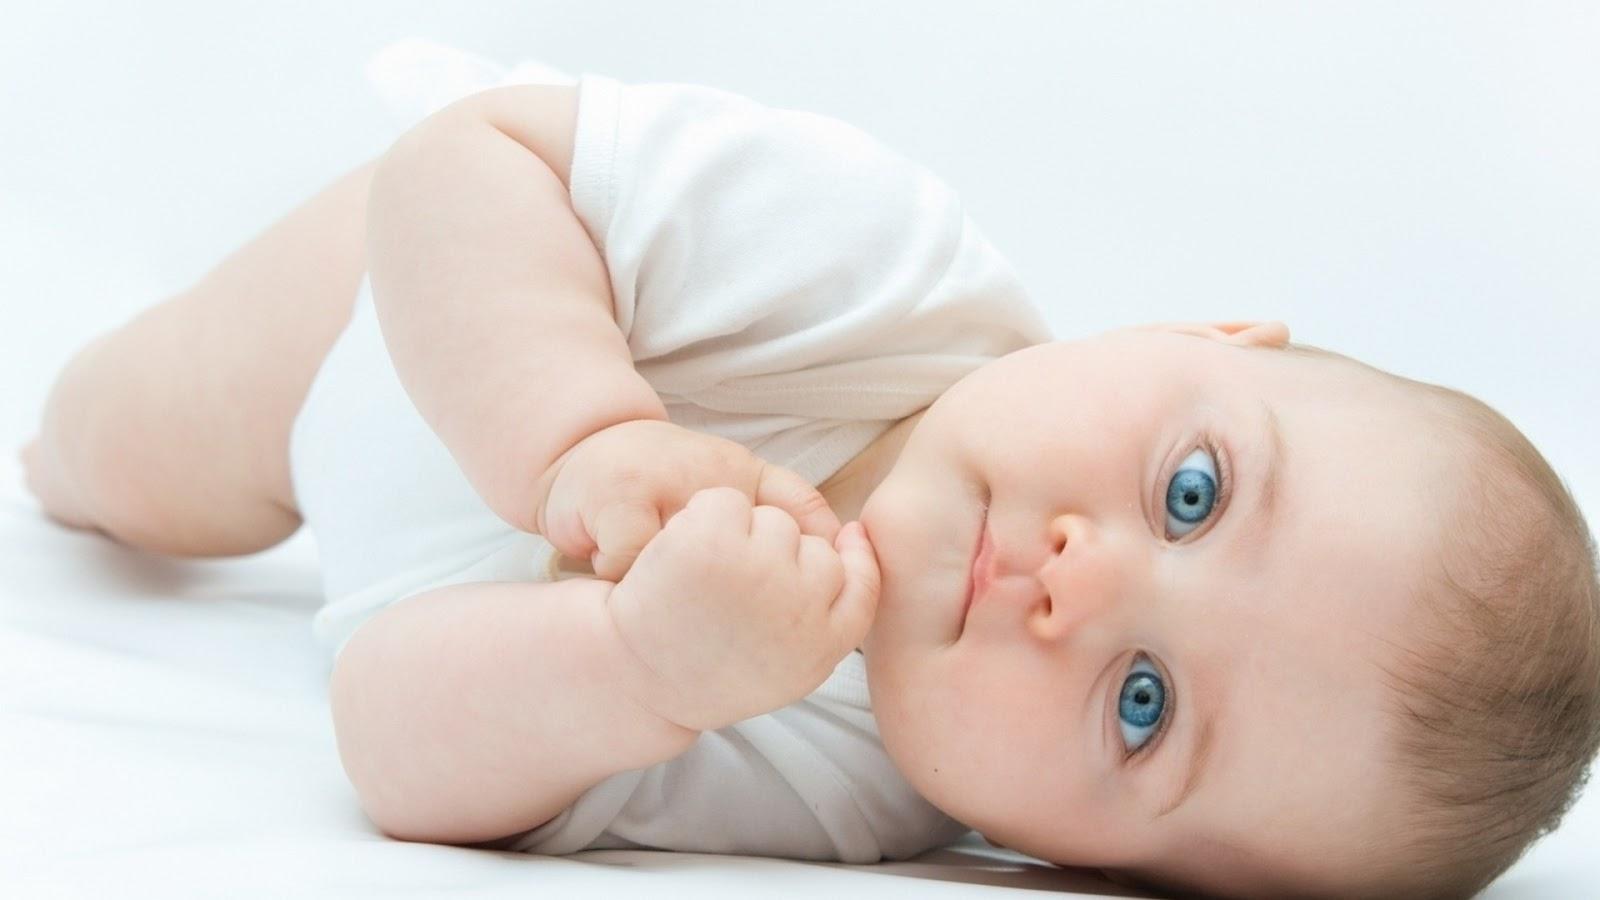 Когда можно выложить фото ребенка